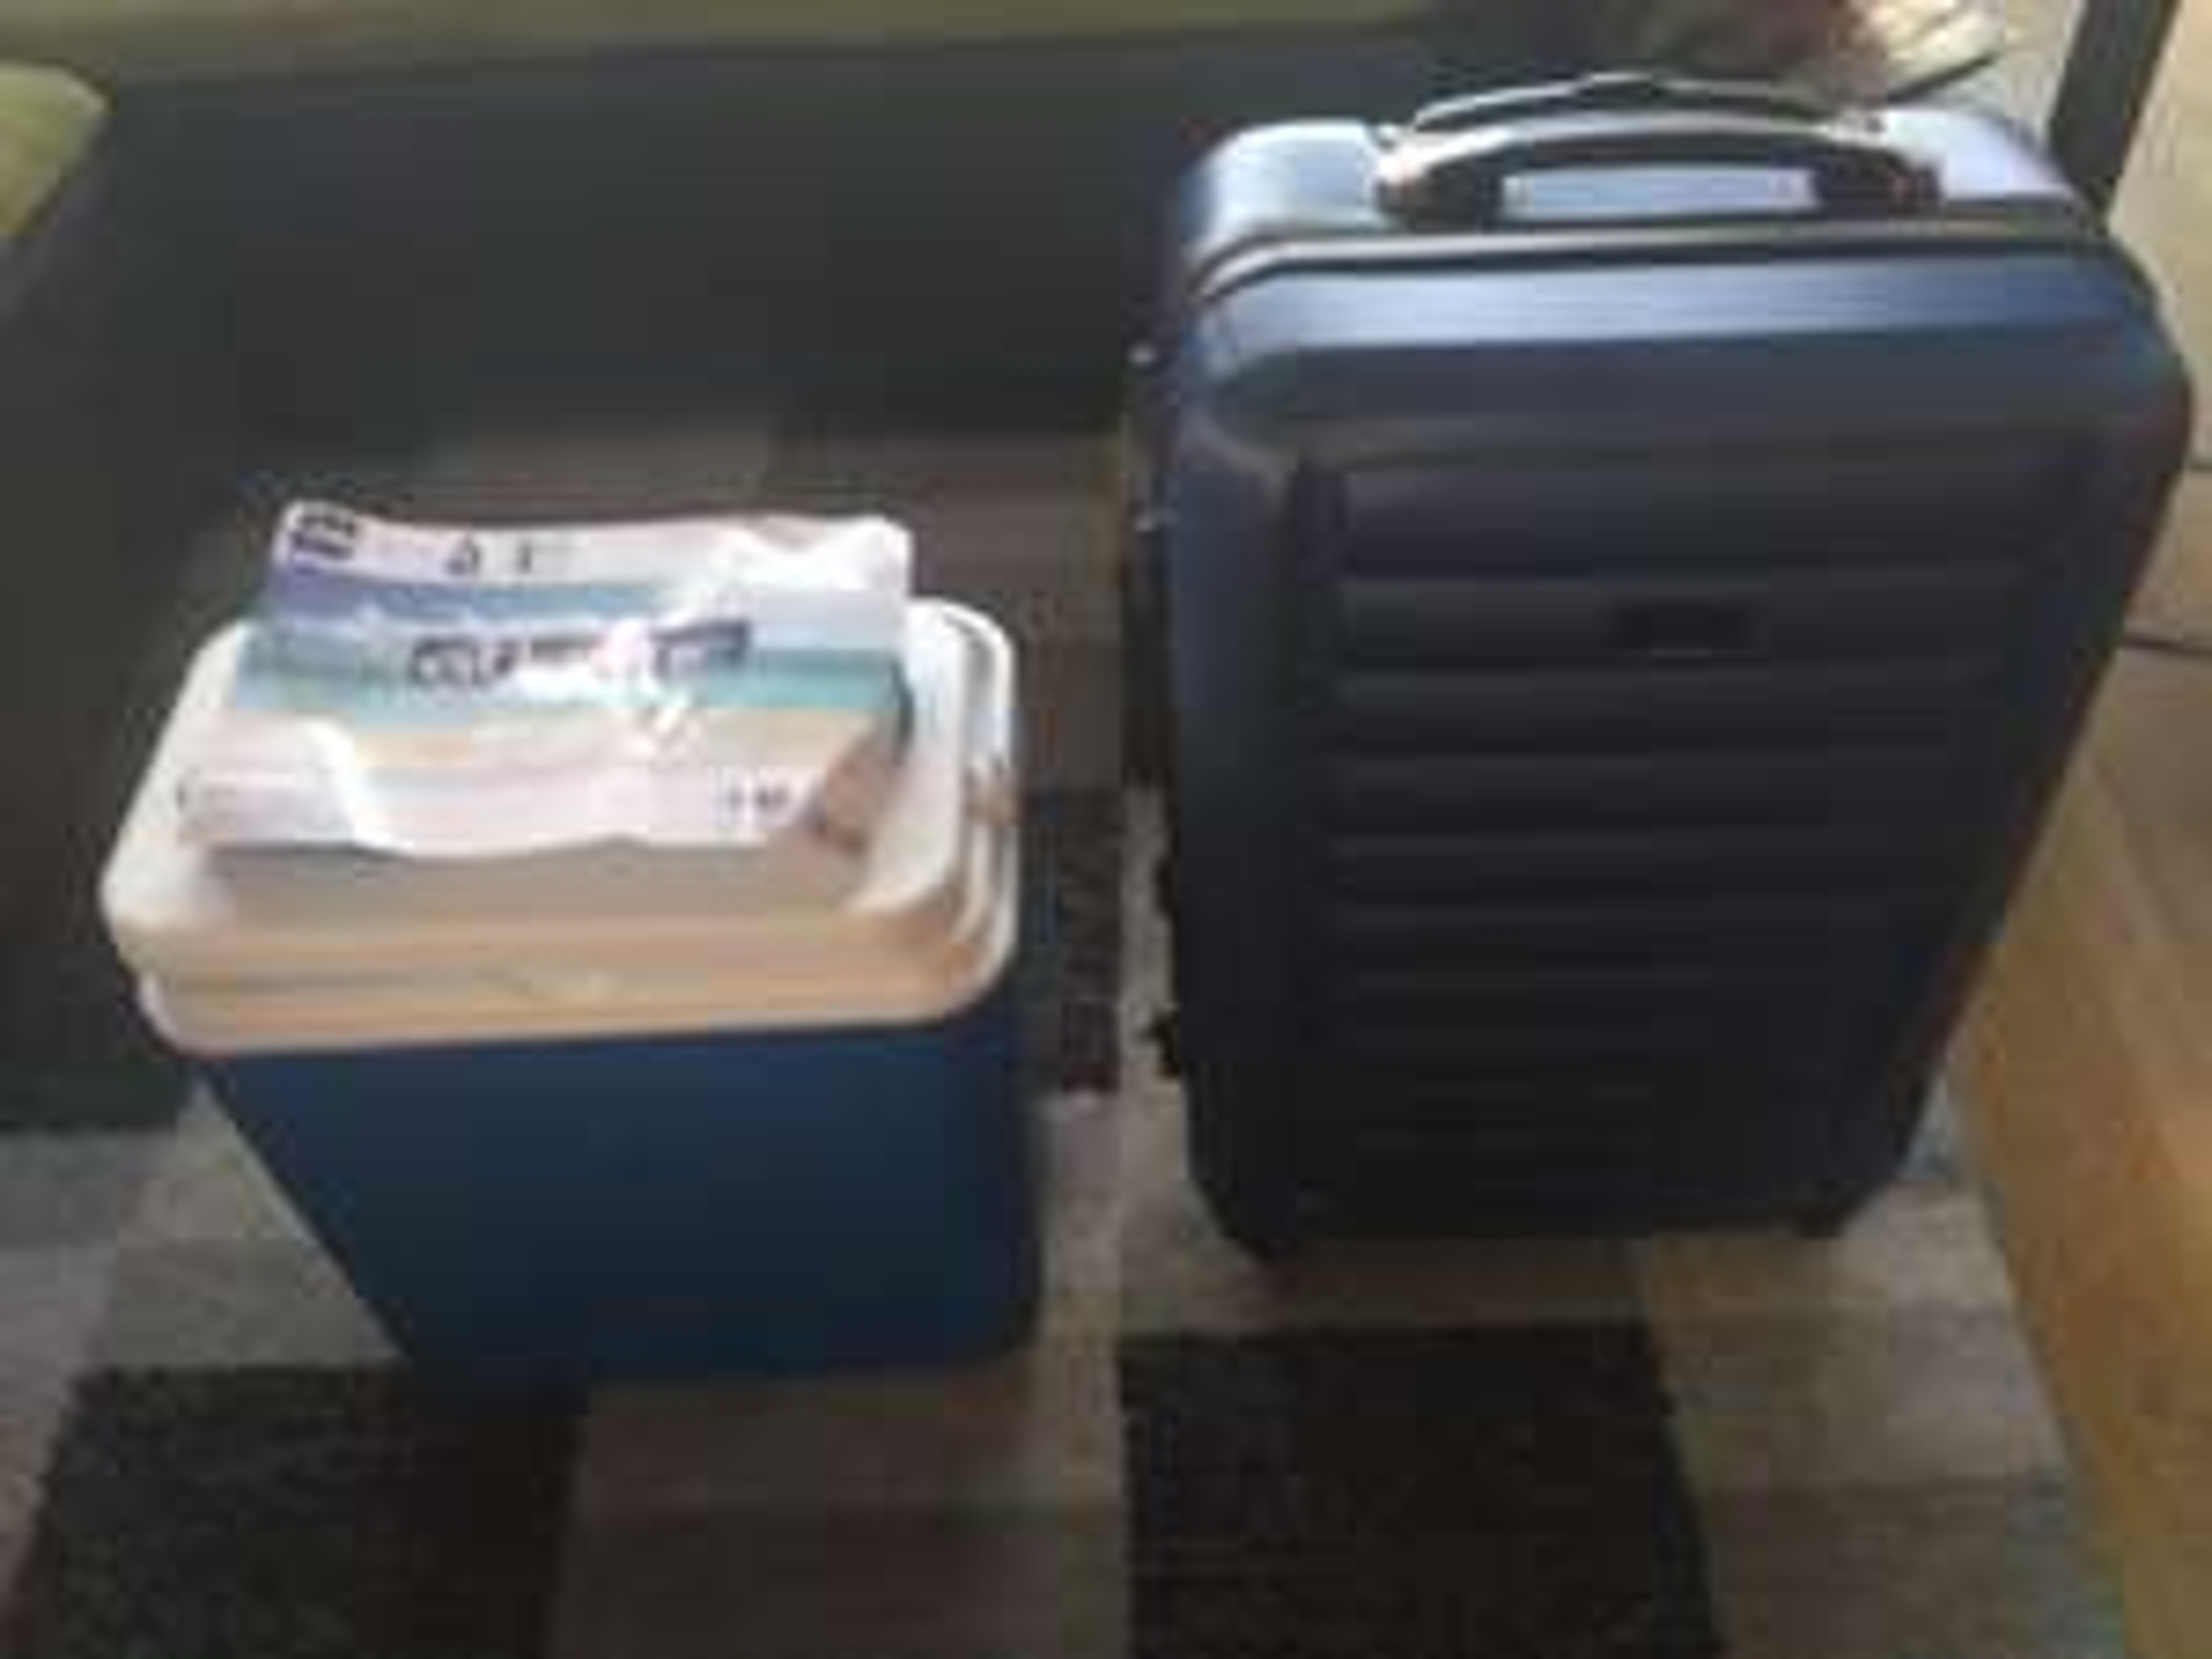 Walizka podróżna + lodówka podróżna za założenie karty